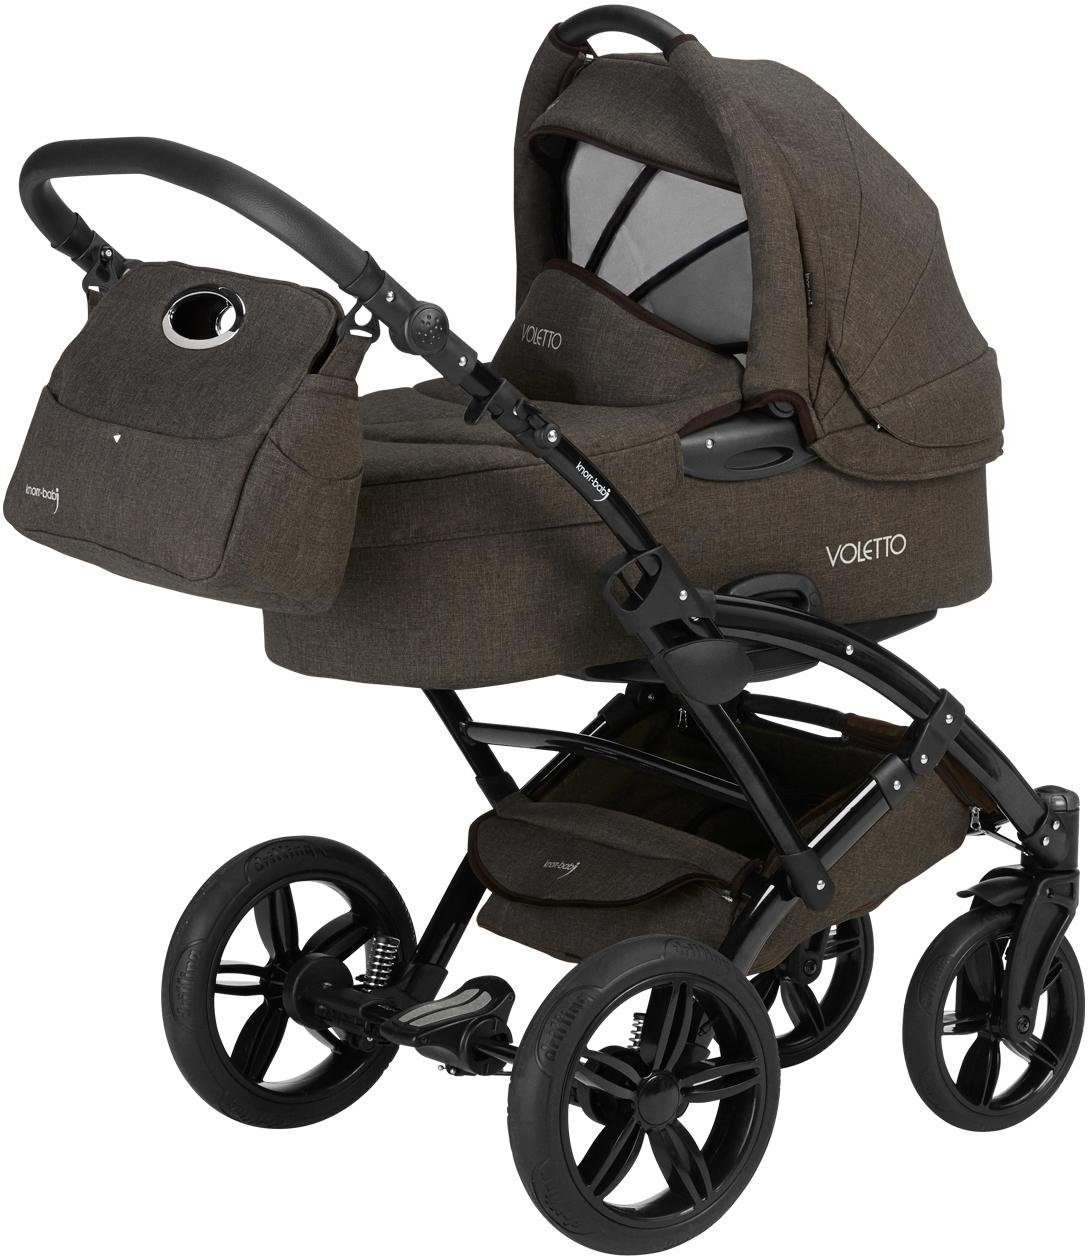 knorr-baby Kombi-Kinderwagen Set inkl. Babyschale, »Voletto, braun«